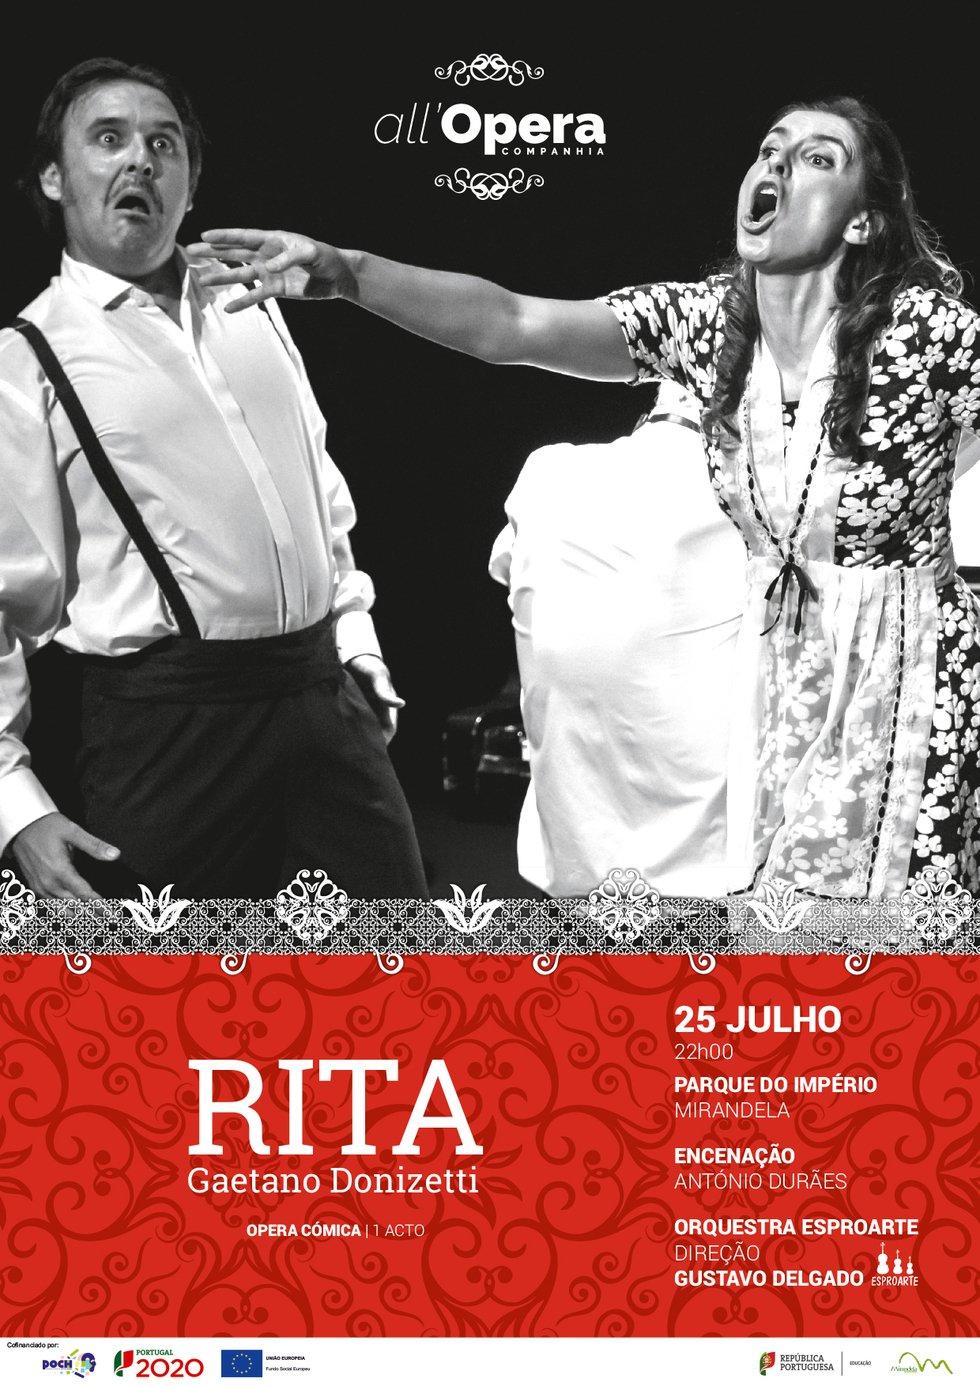 Ópera Cómica - Abertura das Festas da Cidade